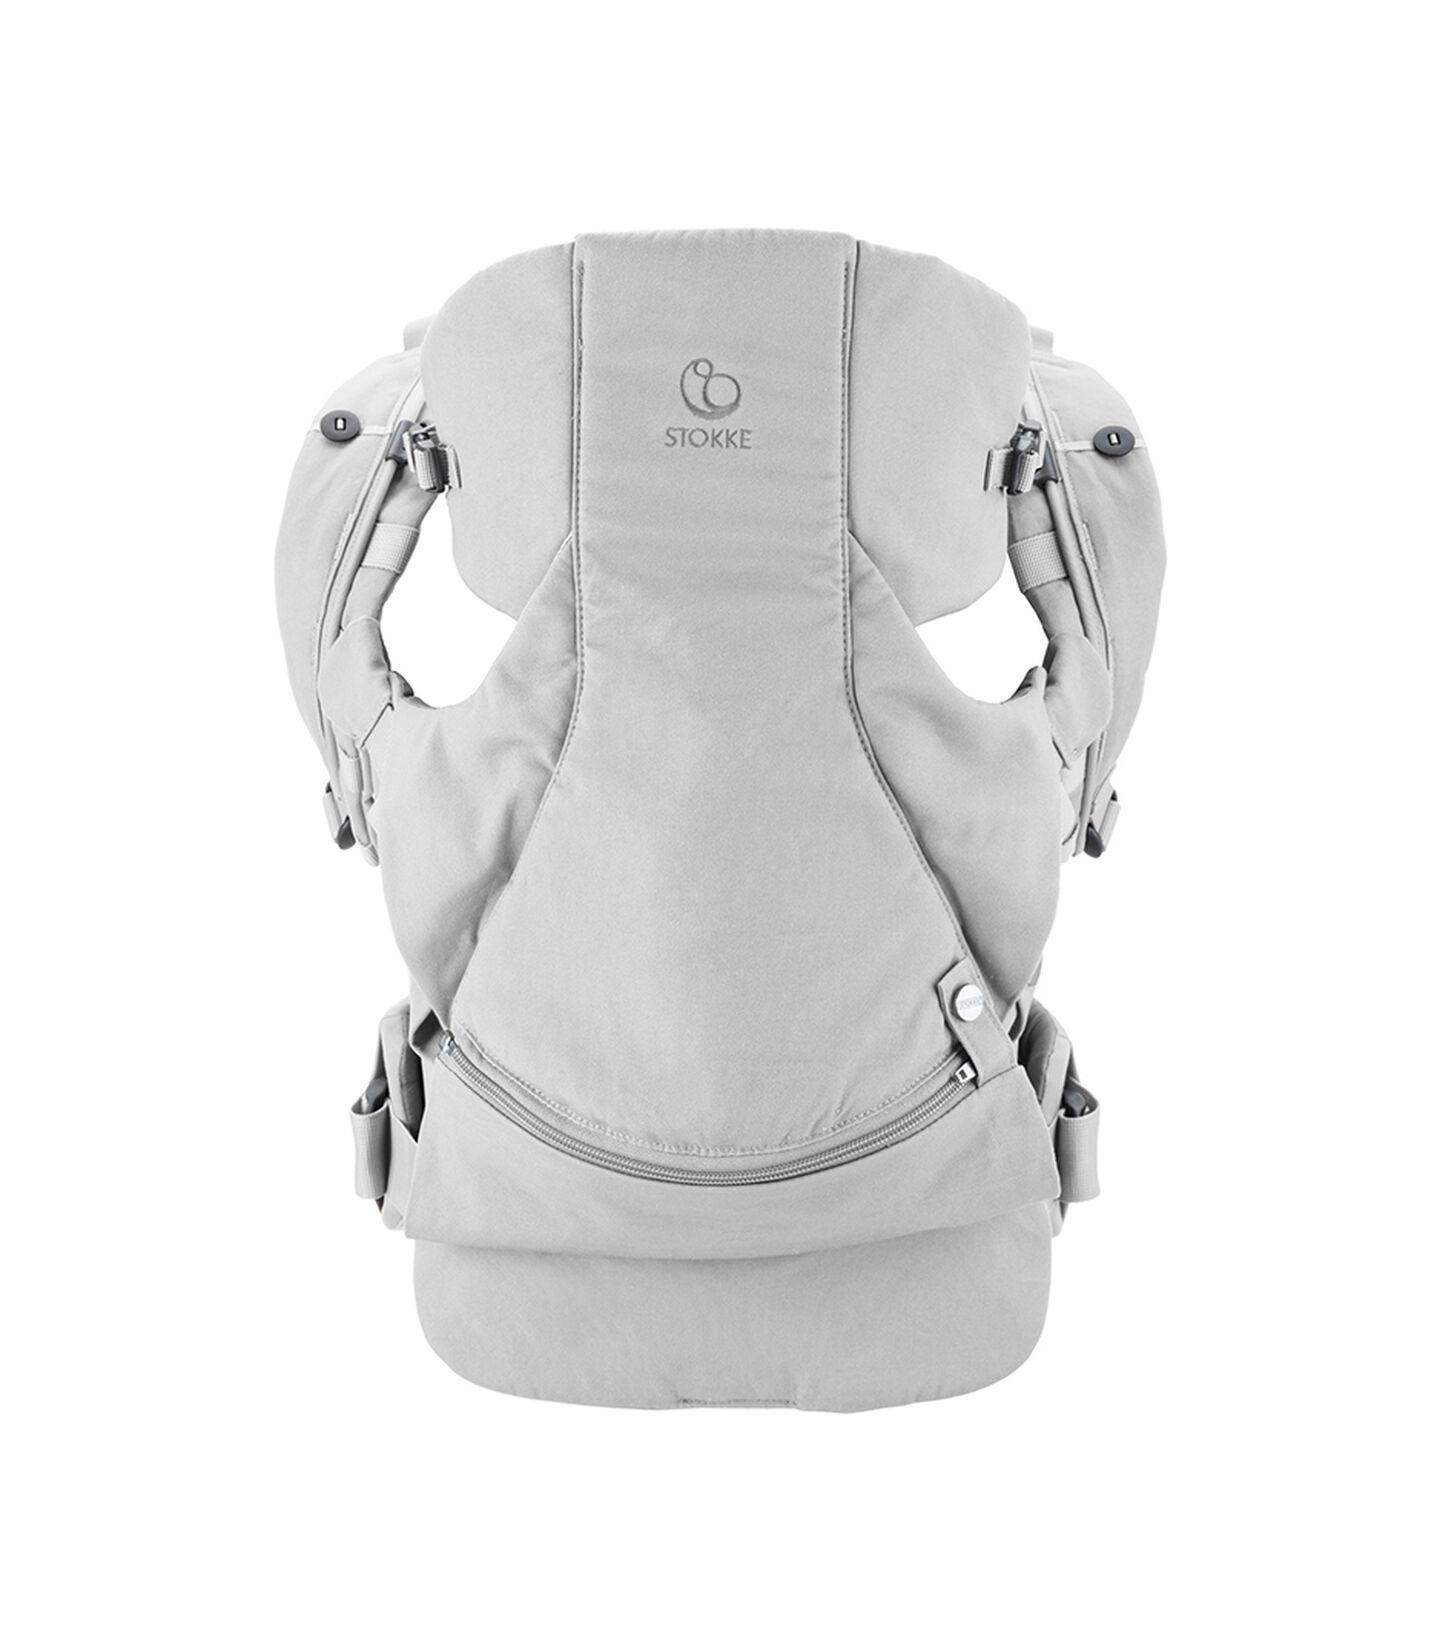 Stokke® MyCarrier™ OCS nosidło przednie Grey, Grey, mainview view 2